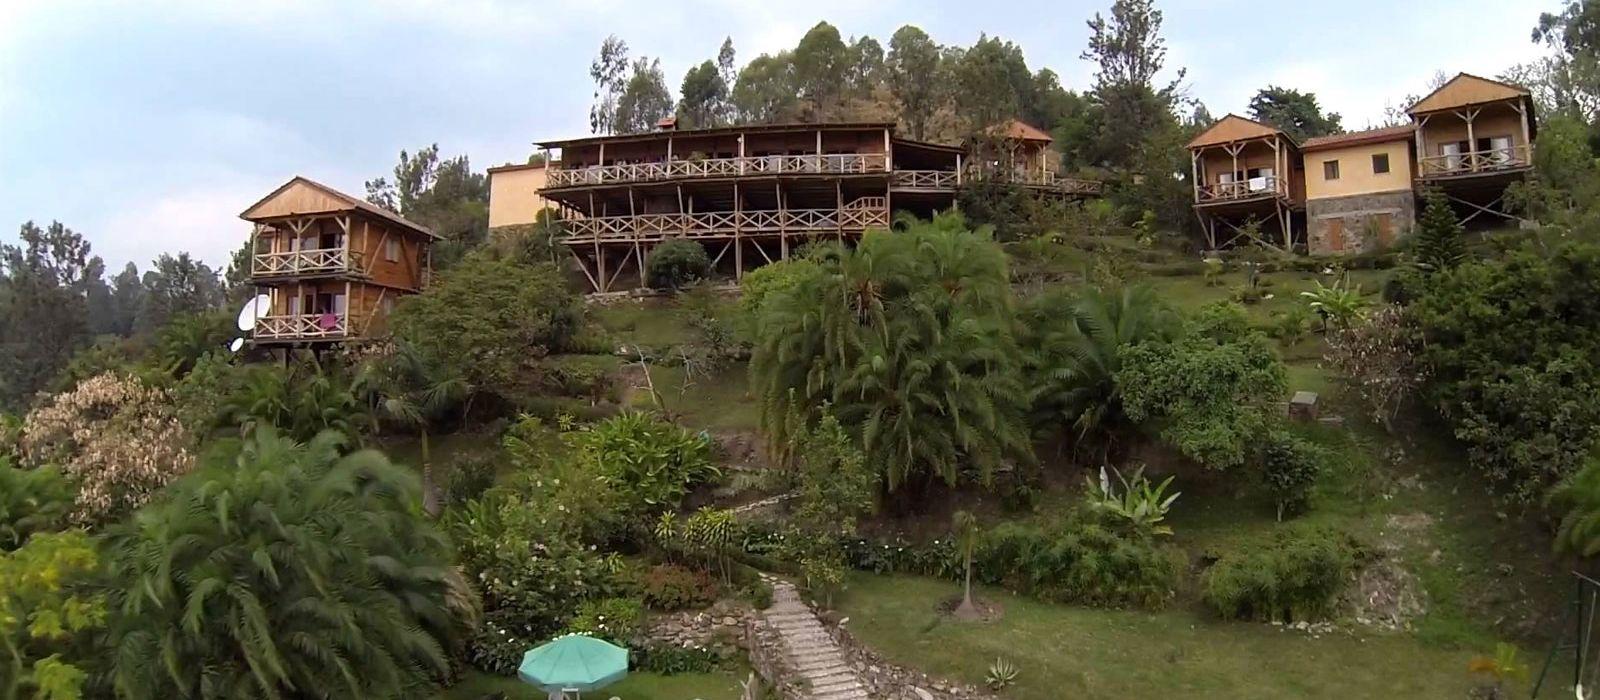 Hotel Cormoran Lodge Rwanda